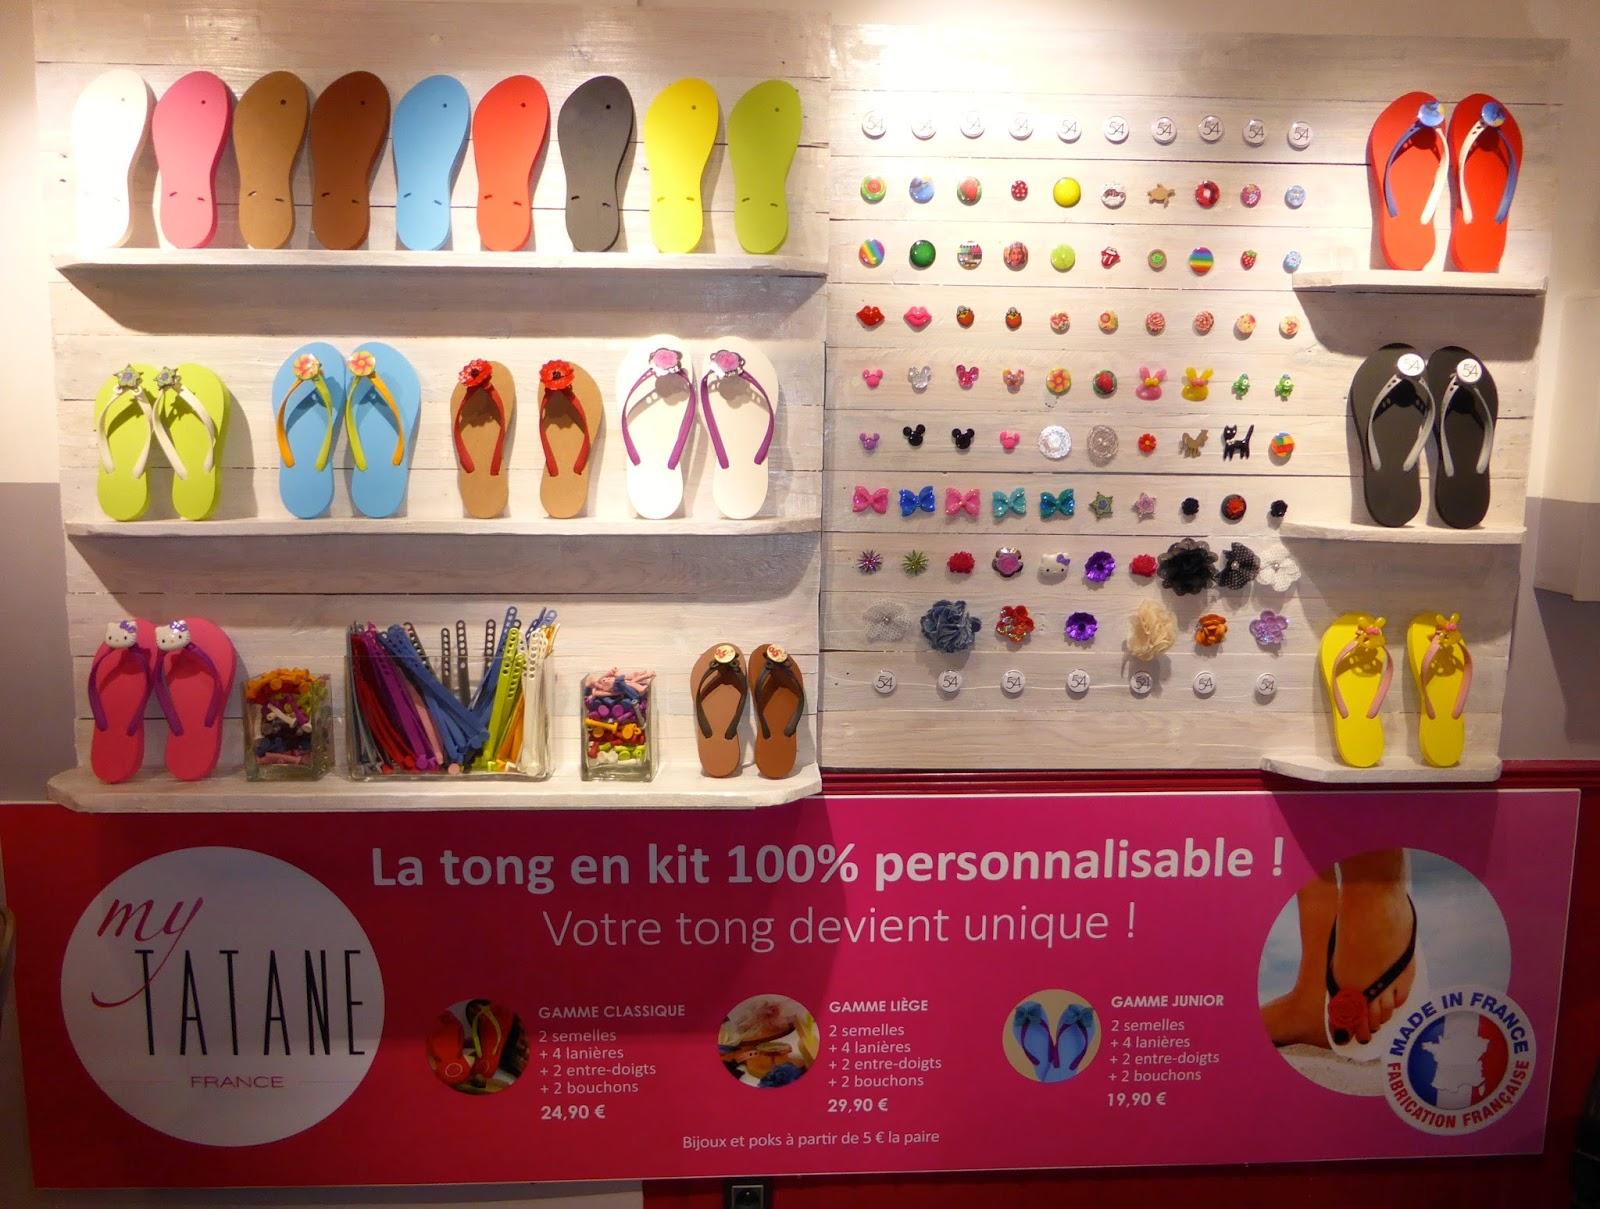 """Notre exclusivité de tongs 100 % personnalisables de la marque """"My Tatane"""" et 100 % made in France fait parler d'elle !"""